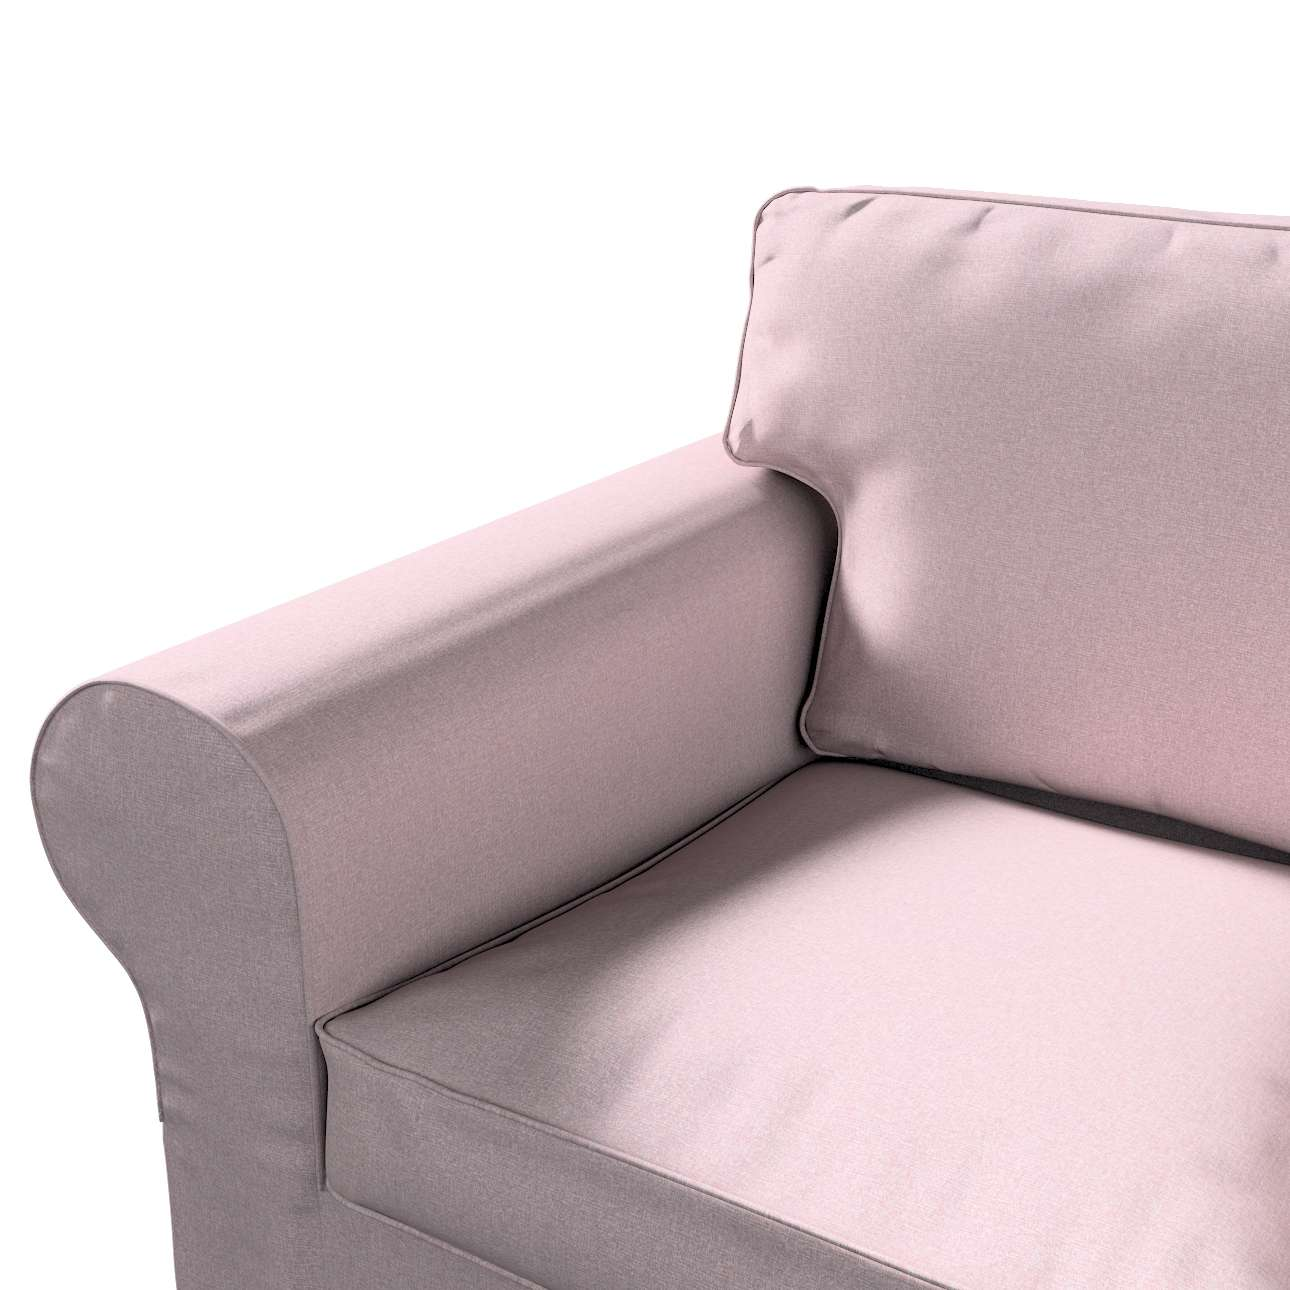 Bezug für Ektorp 2-Sitzer Sofa nicht ausklappbar von der Kollektion Amsterdam, Stoff: 704-51